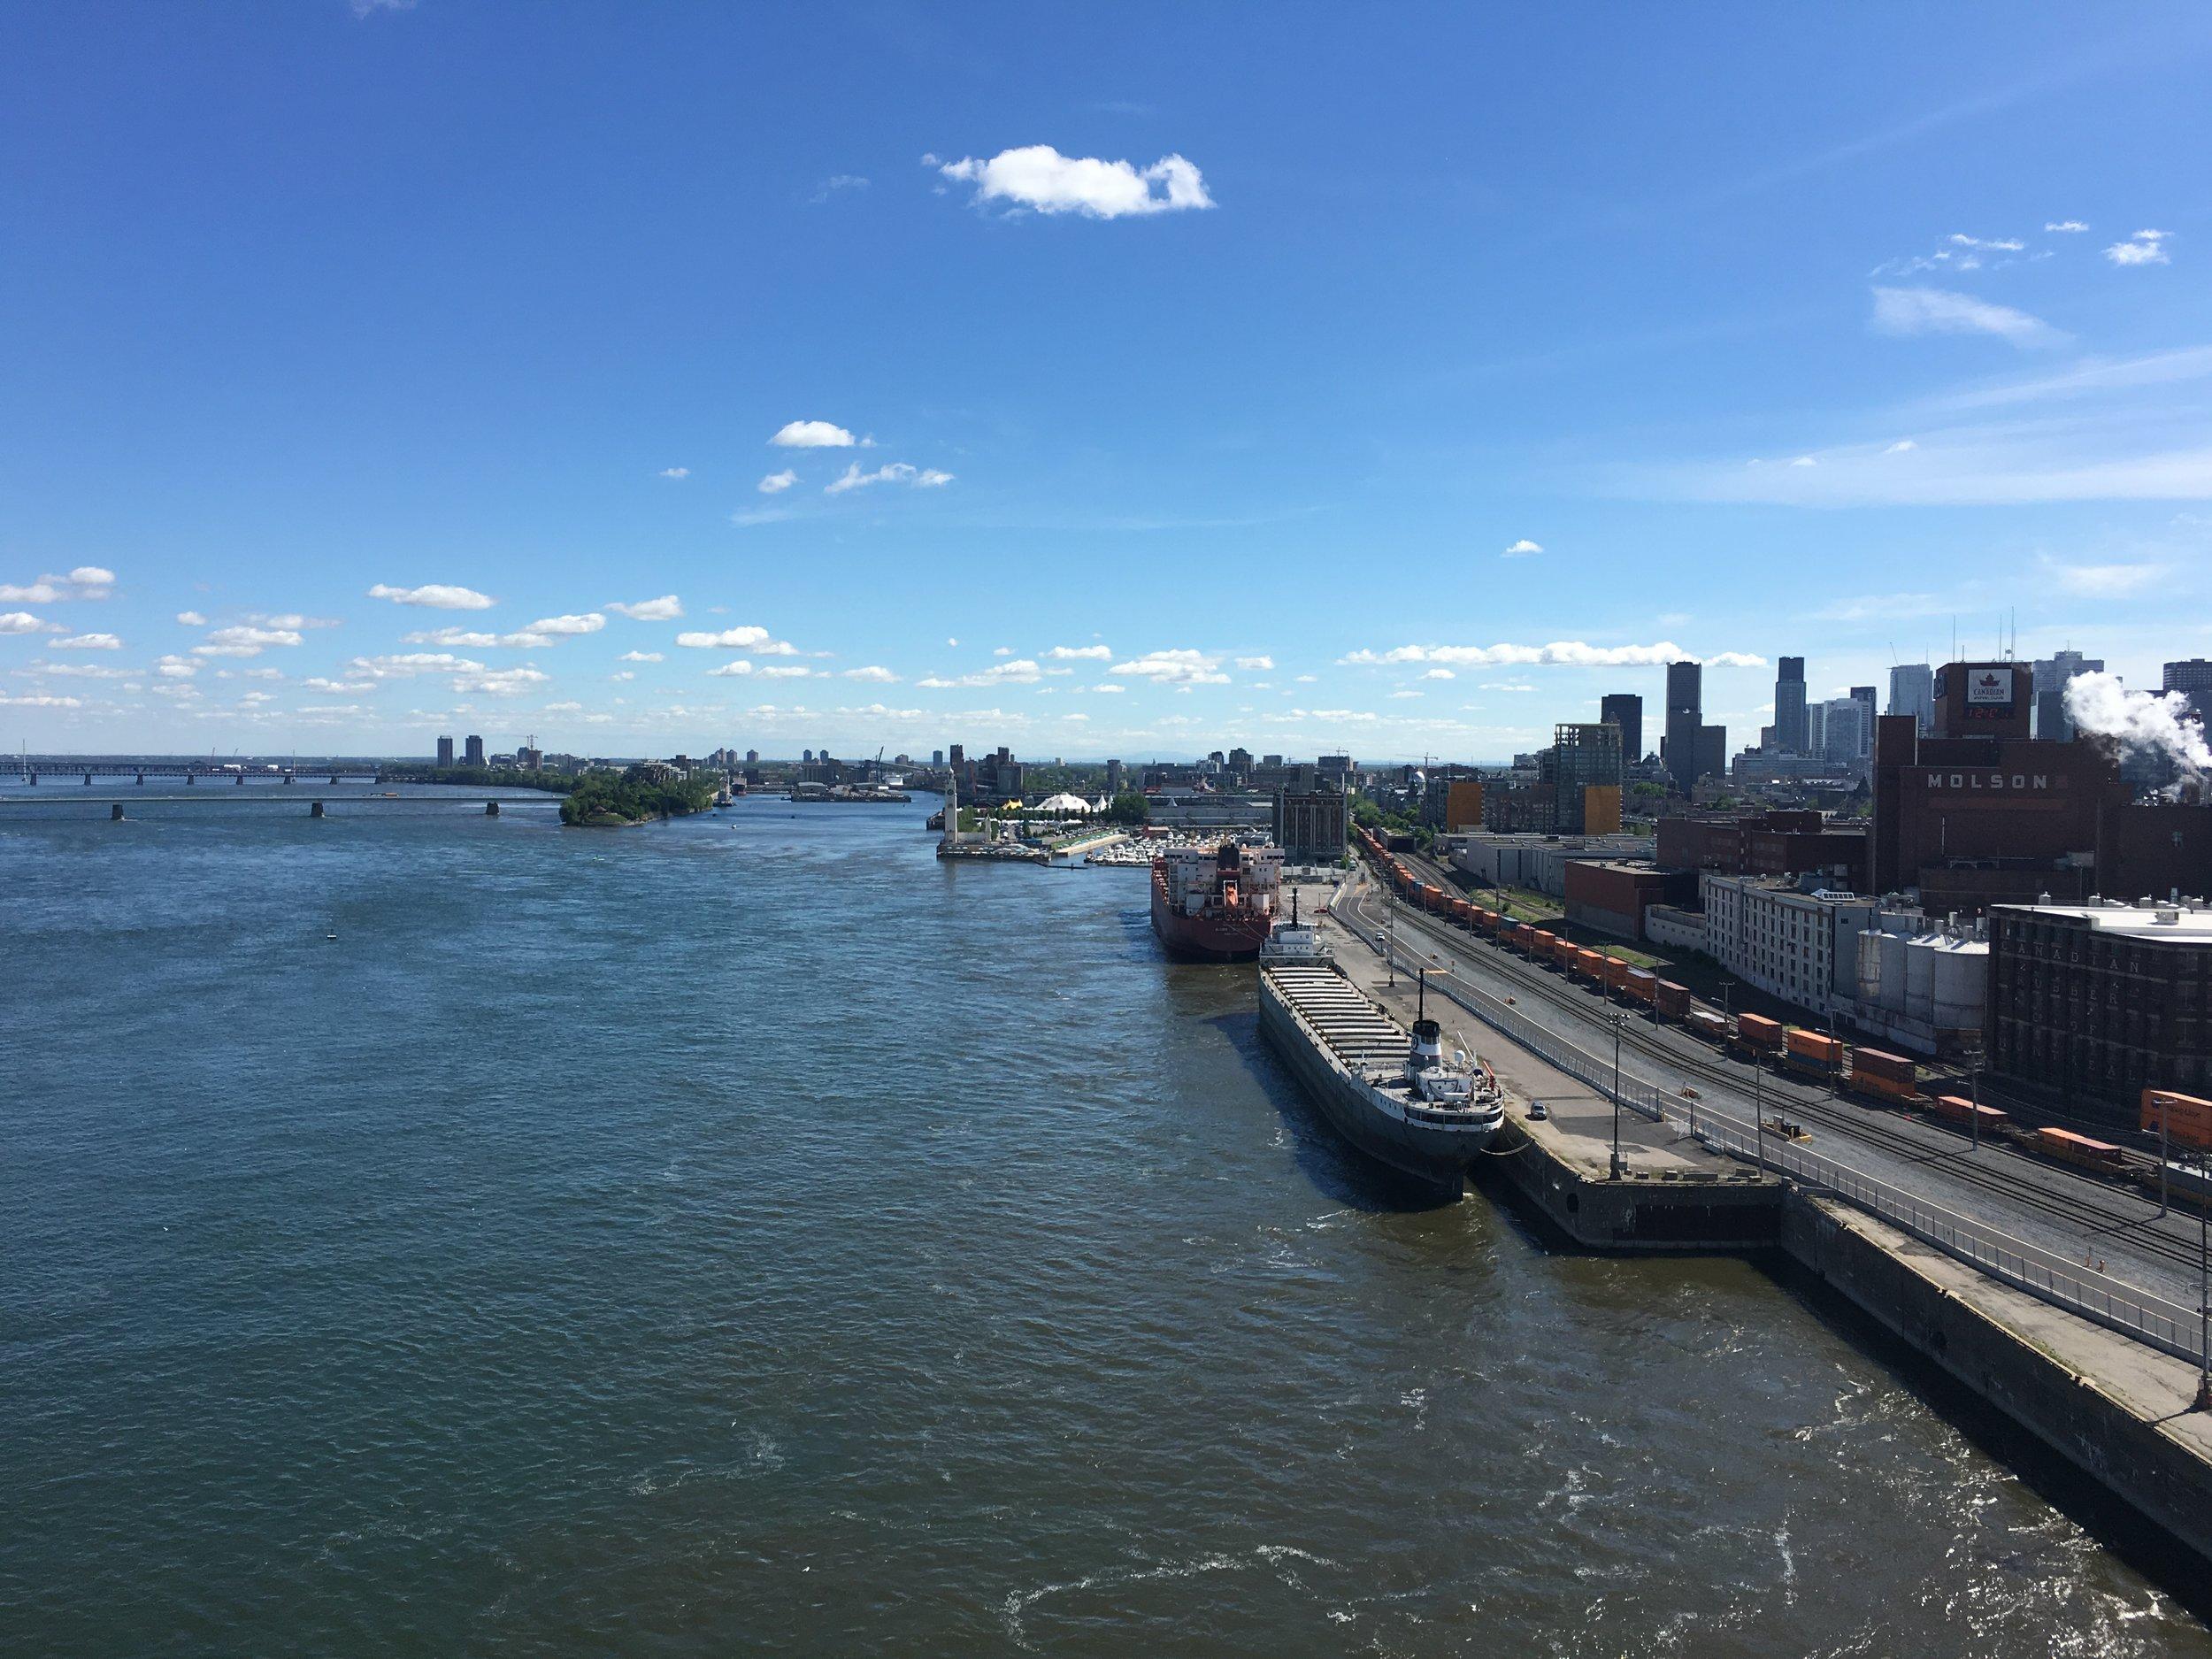 River Saint Laurence